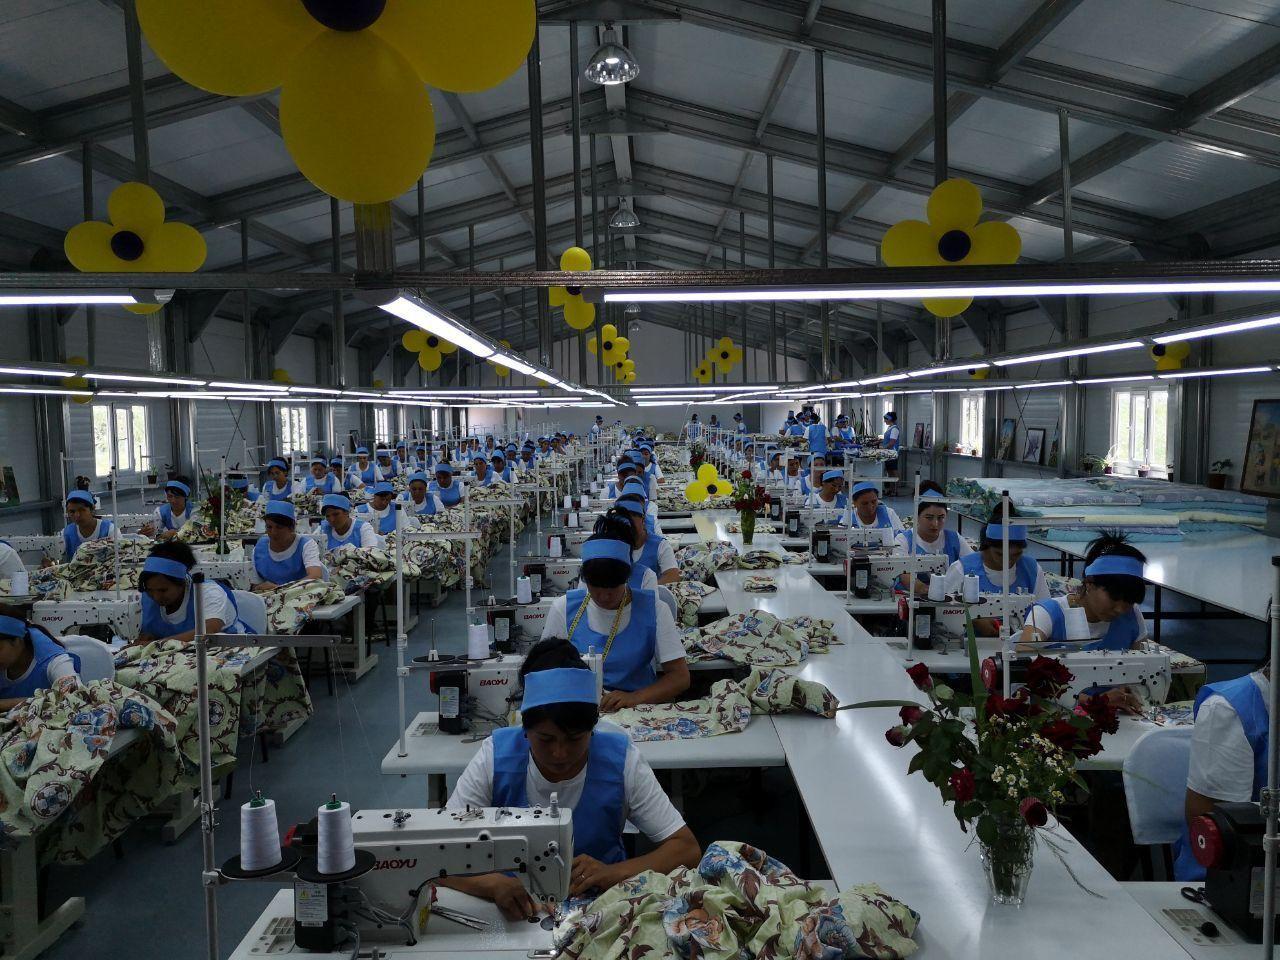 Новая швейная фабрика открыта в Шаватском районе